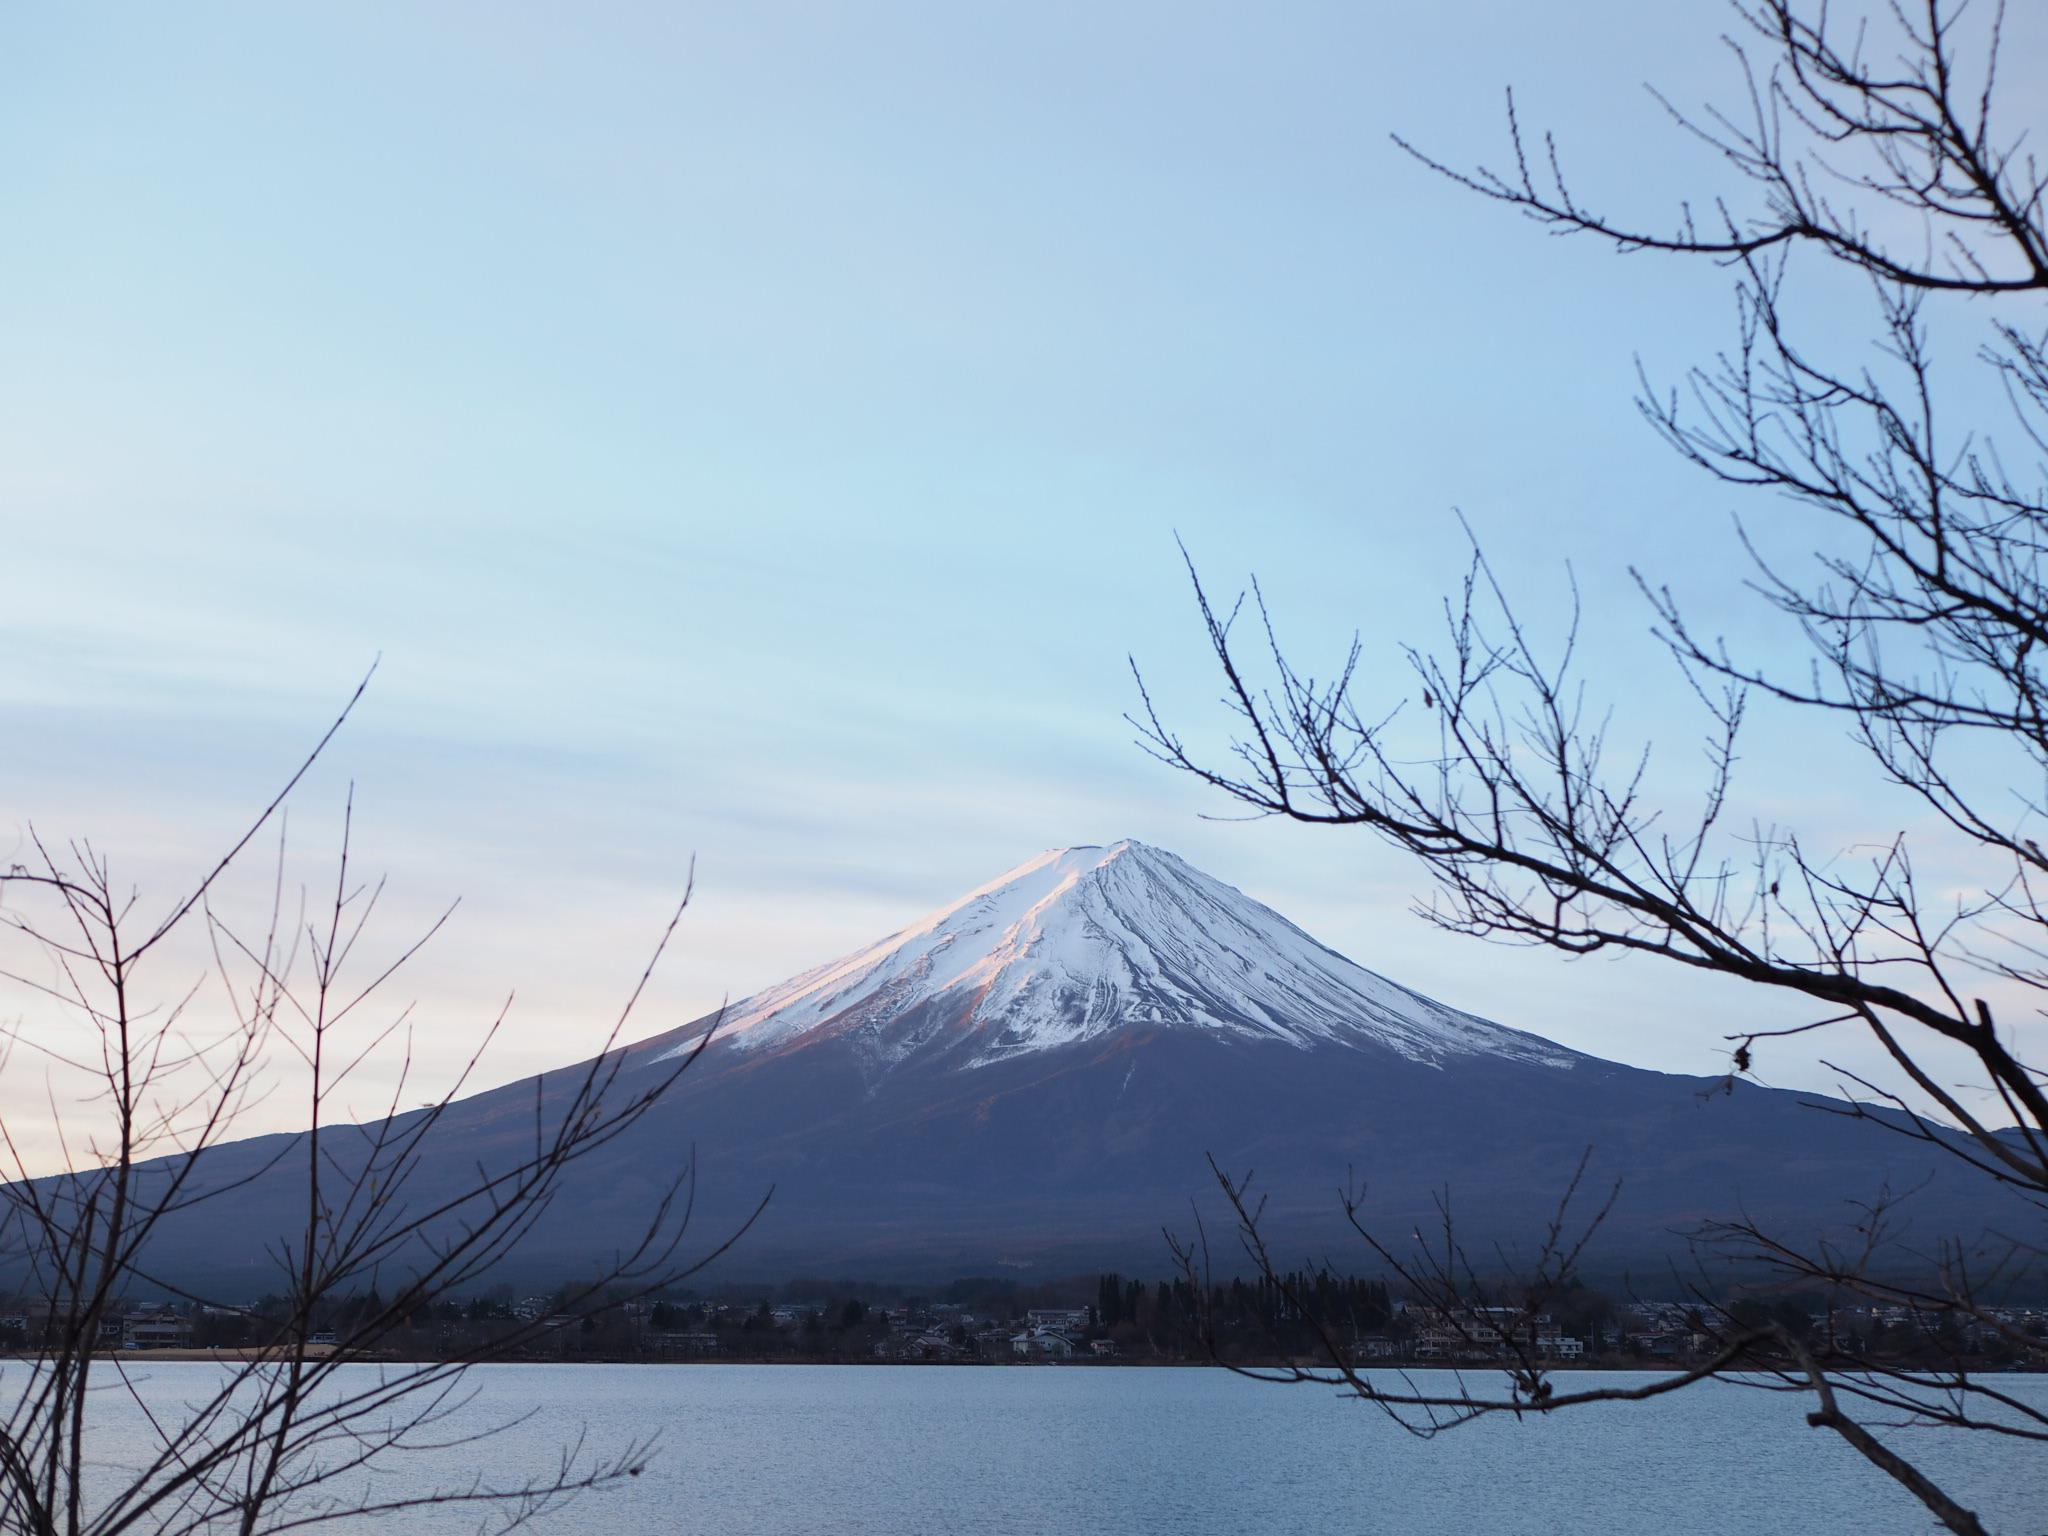 【#河口湖合宿】富士山の目の前のペンションでわいわい一泊旅♩〜宿編〜_11